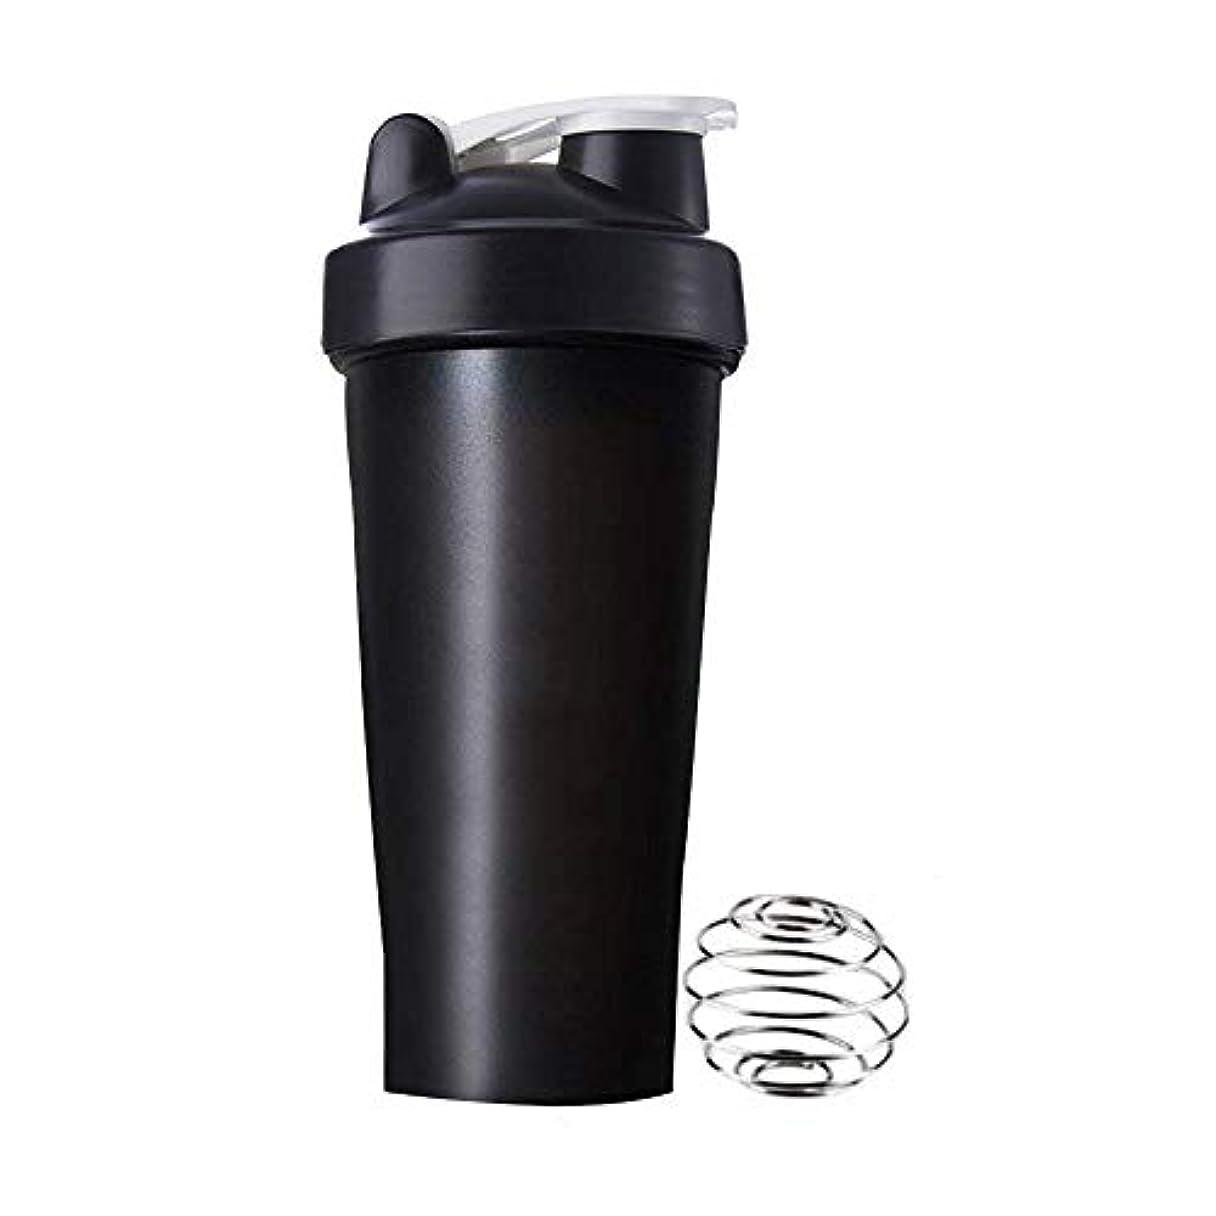 かどうか誠実さ求めるRoman Center プロテインシェイカー 直飲み プラスチックウォーターボトル ジム シェーカーボトル 600ml